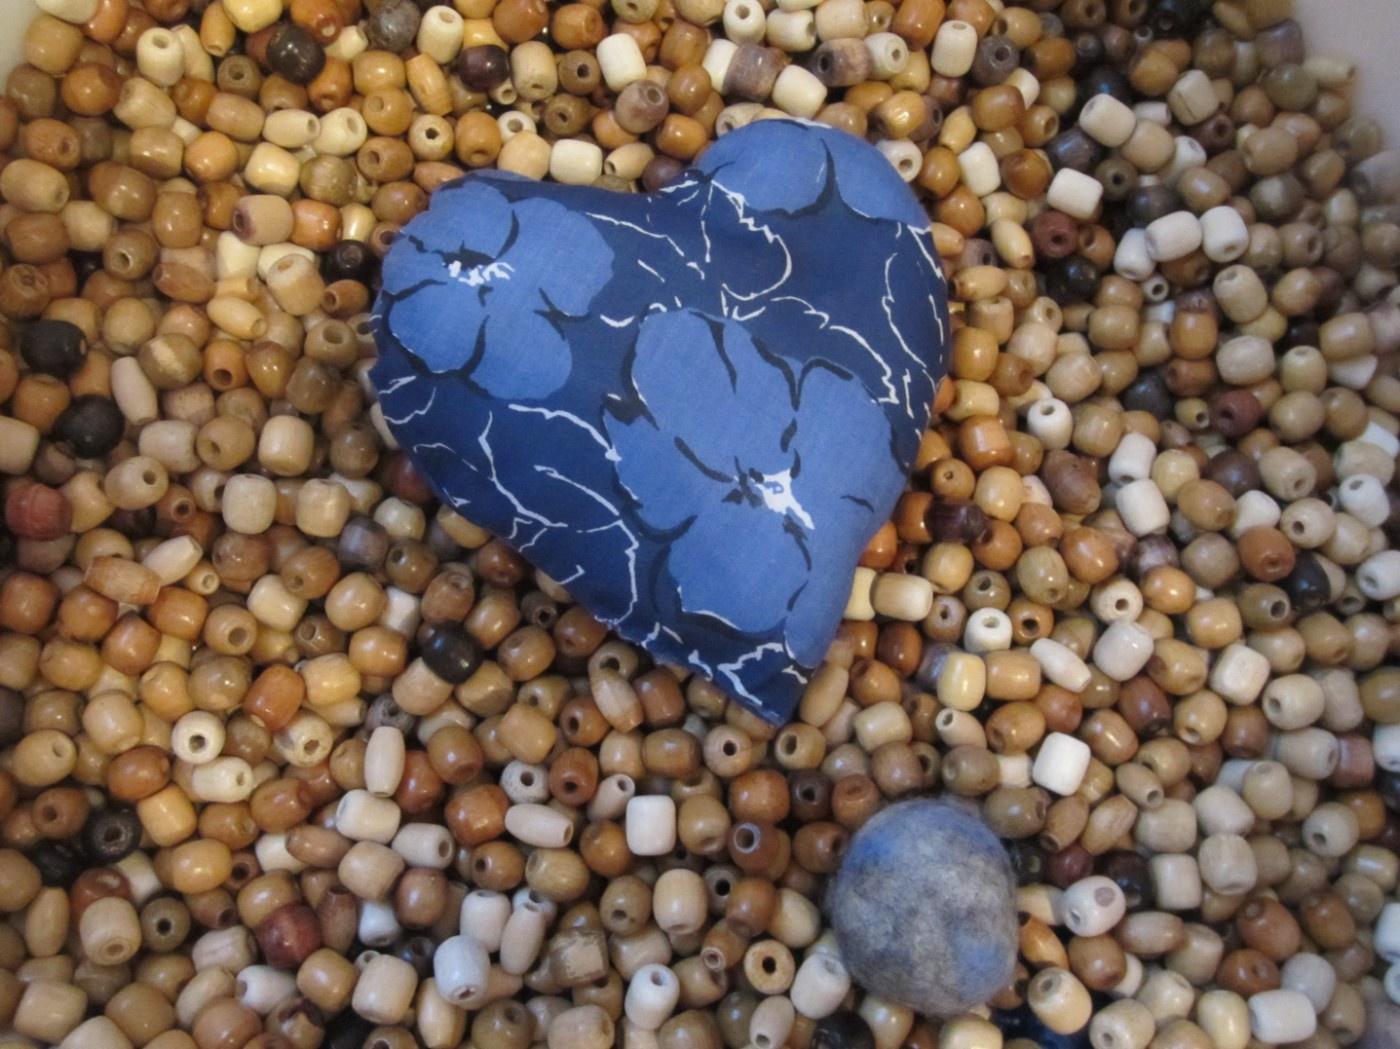 Tastobjekte in Herzform und als Filzball